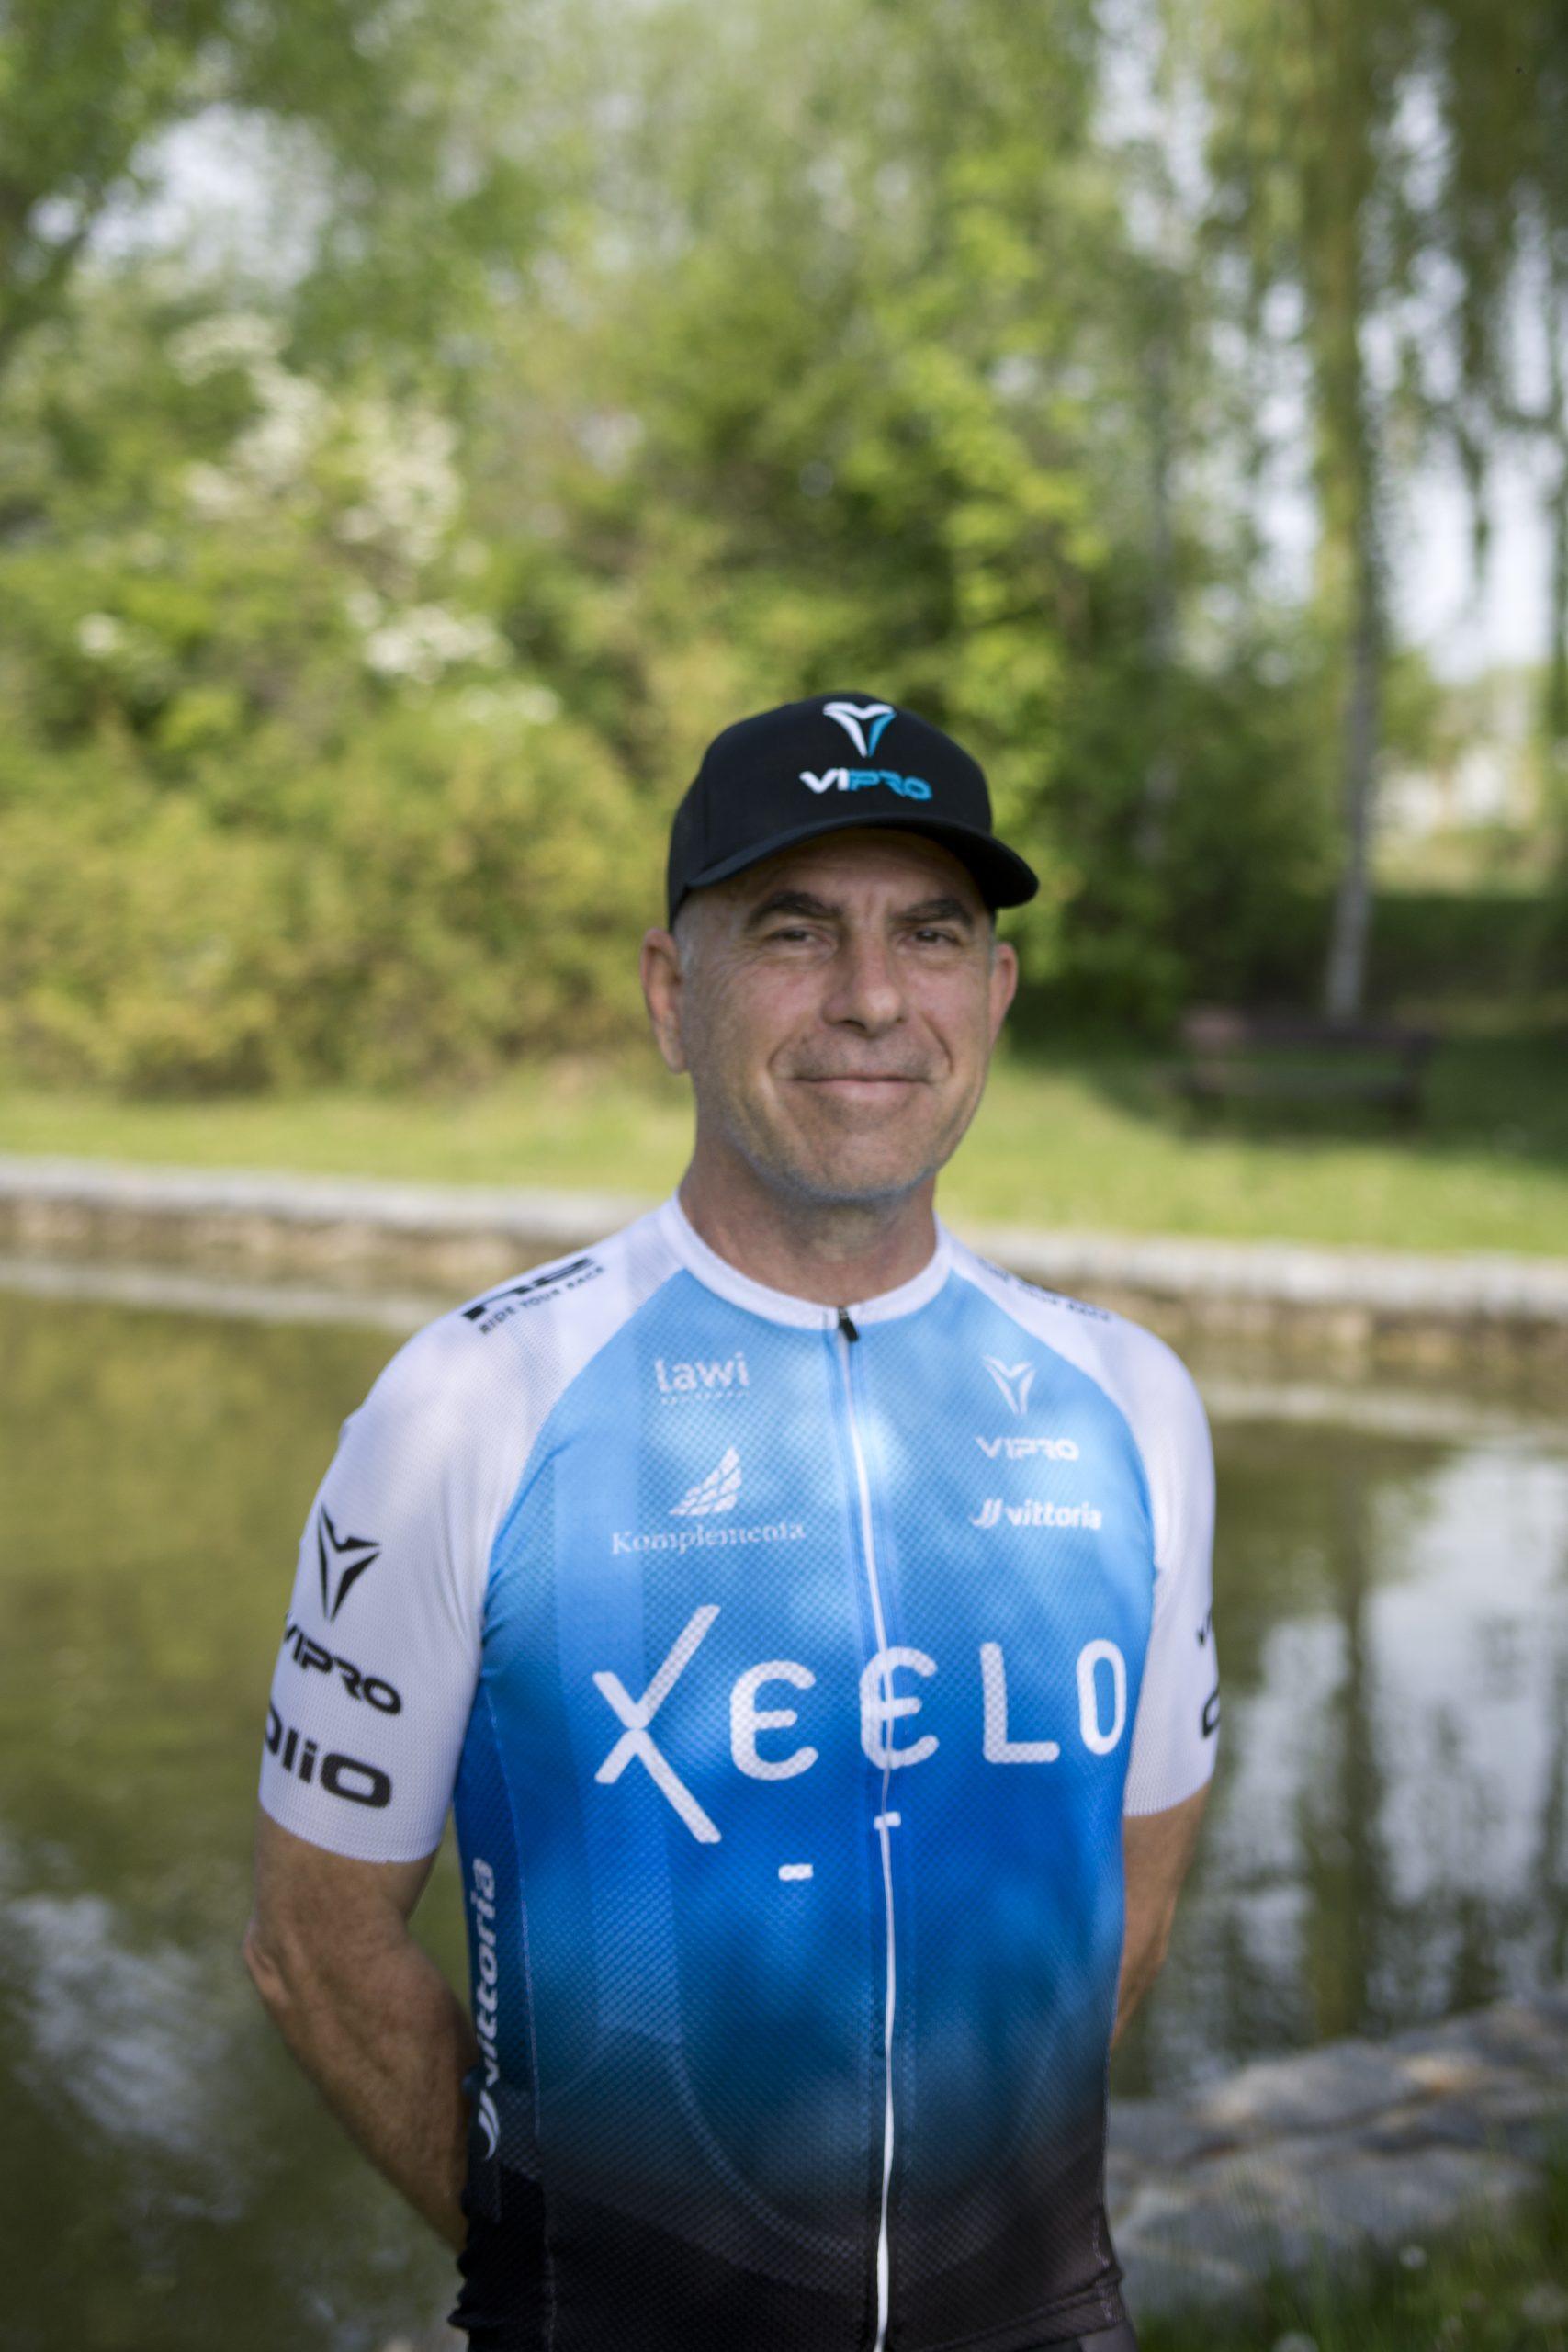 Milan Kollert